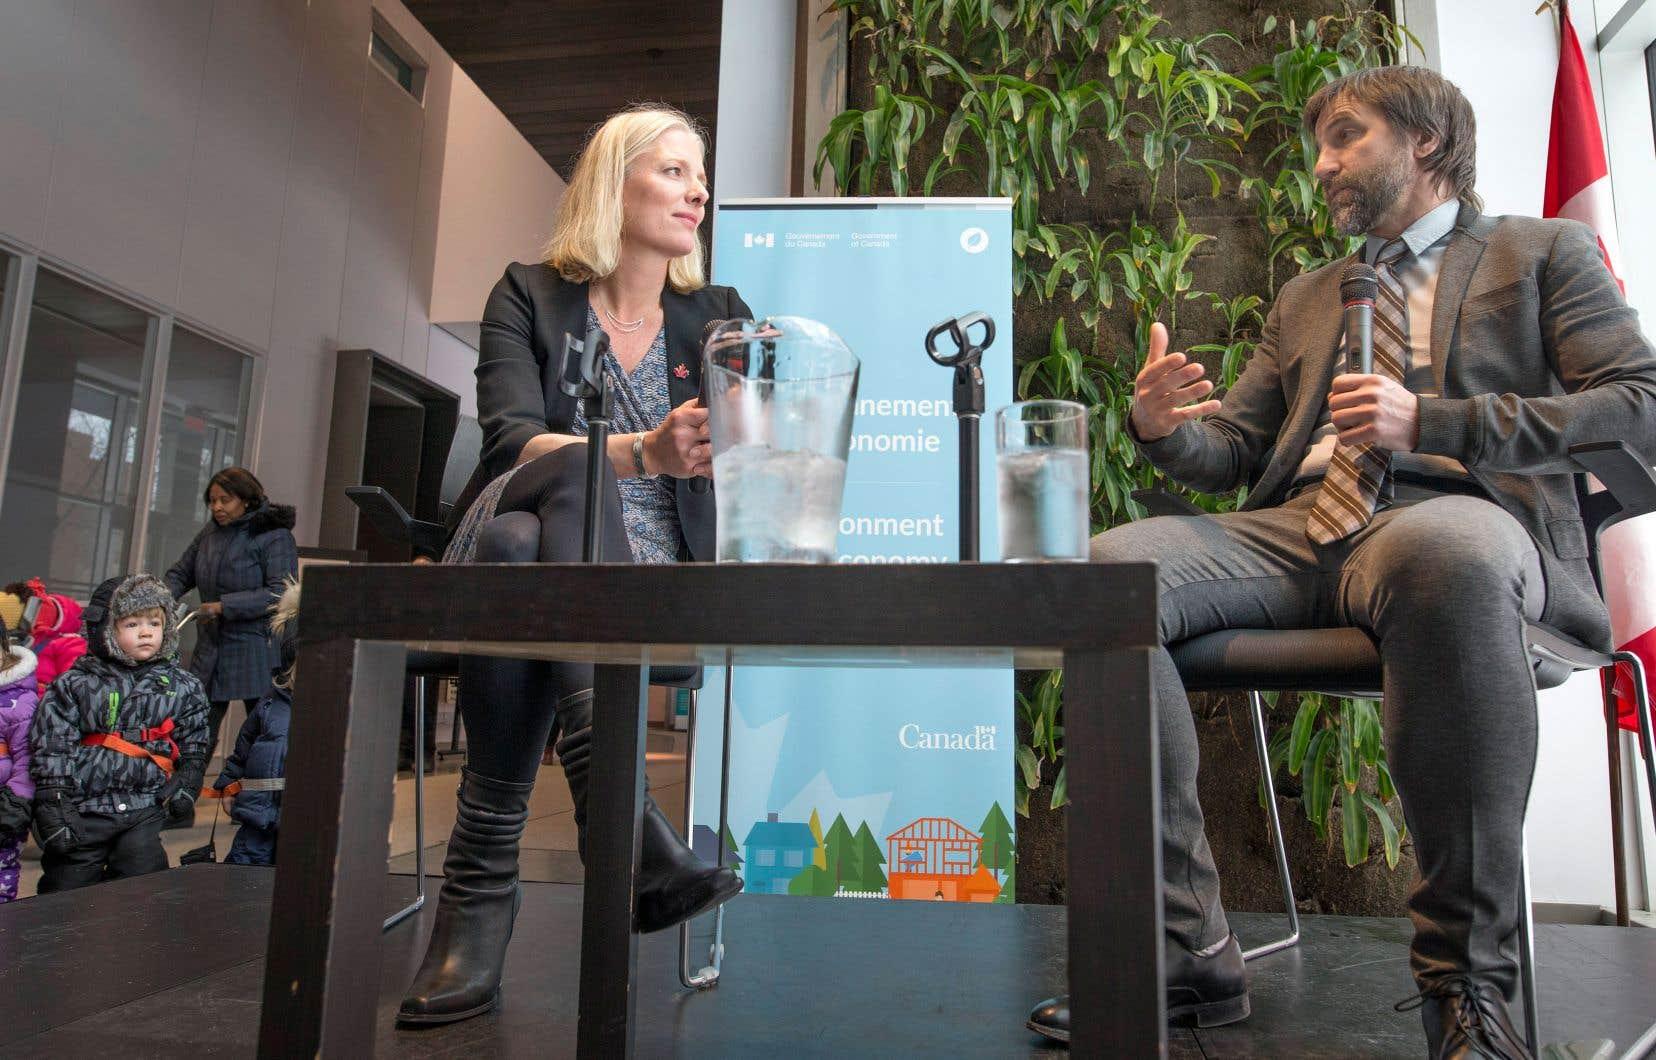 La ministre canadienne de l'Environnement, Catherine McKenna, participait jeudi avec Steven Guilbeault, conseiller spécial du gouvernement Trudeau, à une discussion sur le plan climatique du pays.